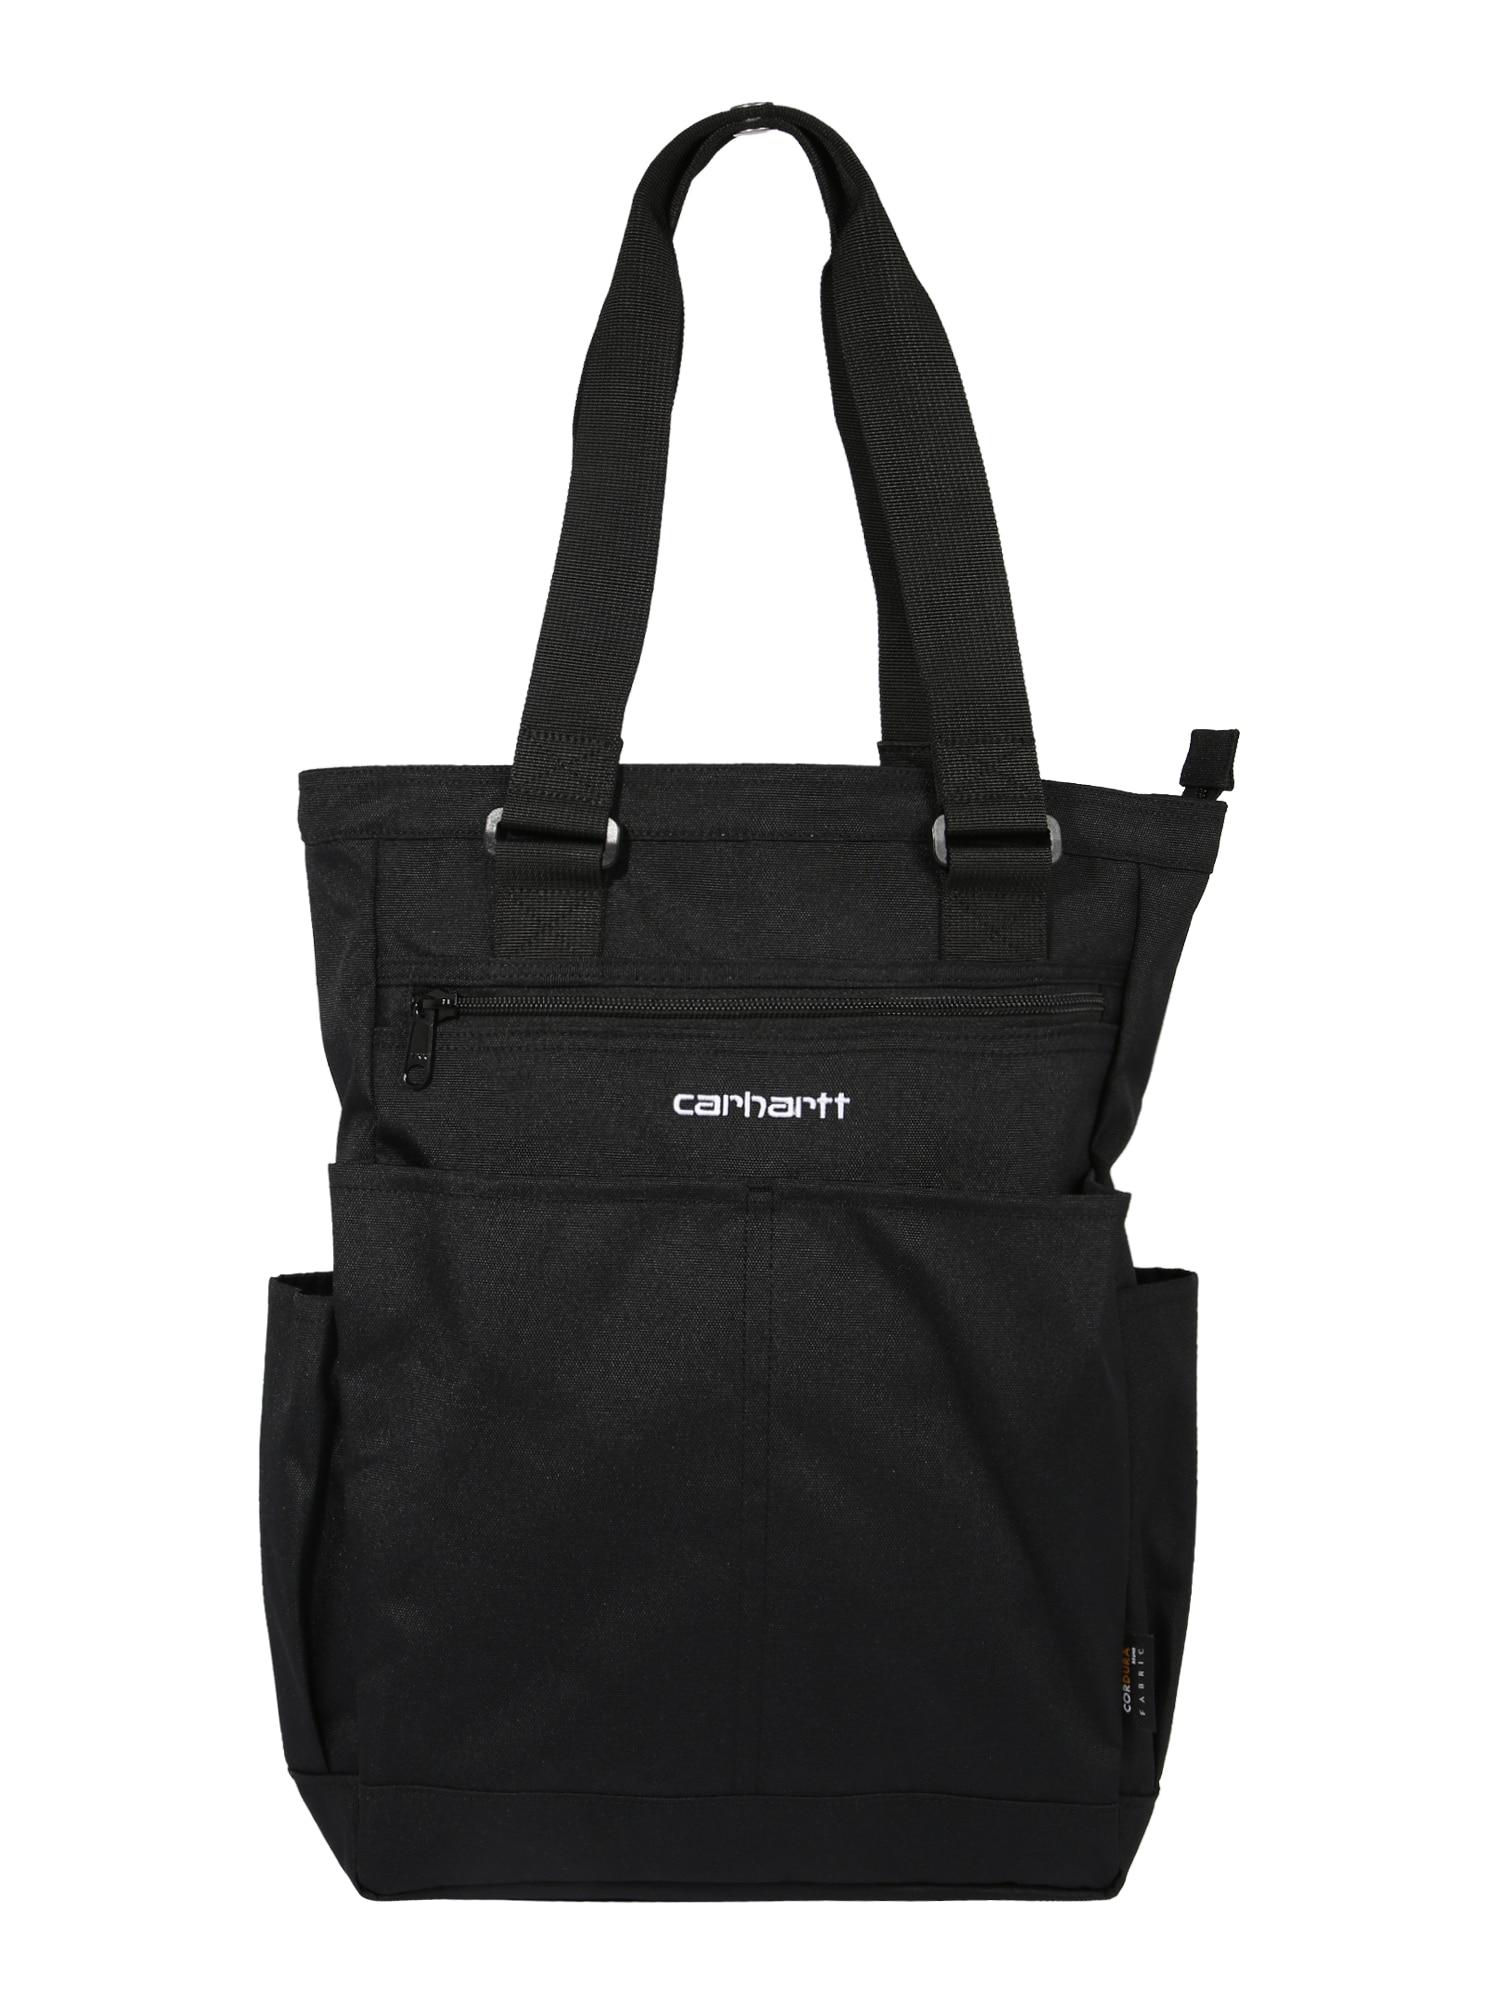 Carhartt WIP Pirkinių krepšys 'Payton' balta / juoda